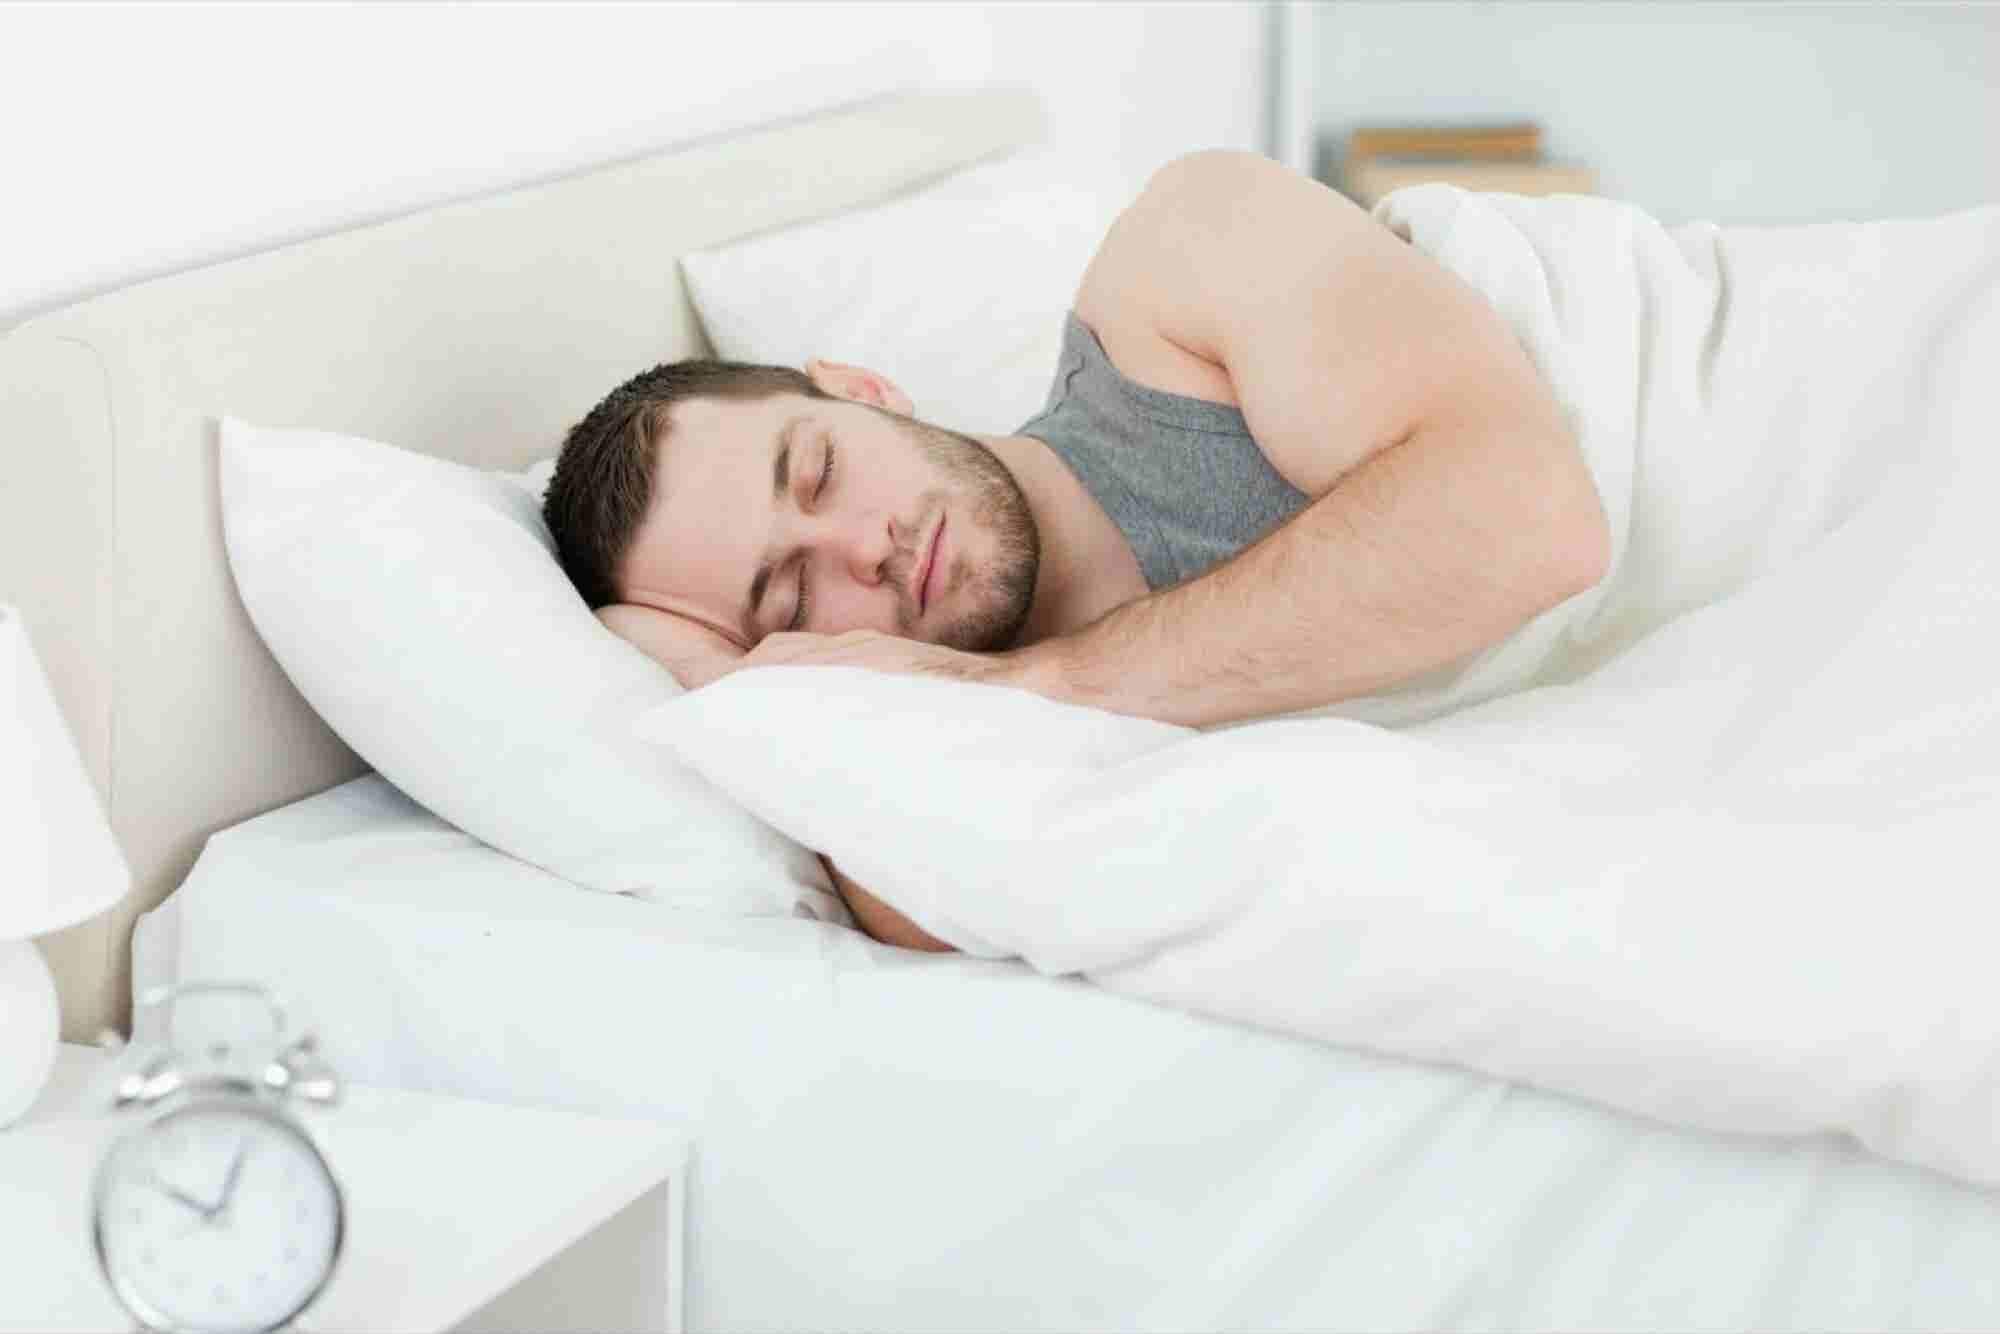 Con estos trabajos de medio tiempo puedes ganar dinero hasta dormido